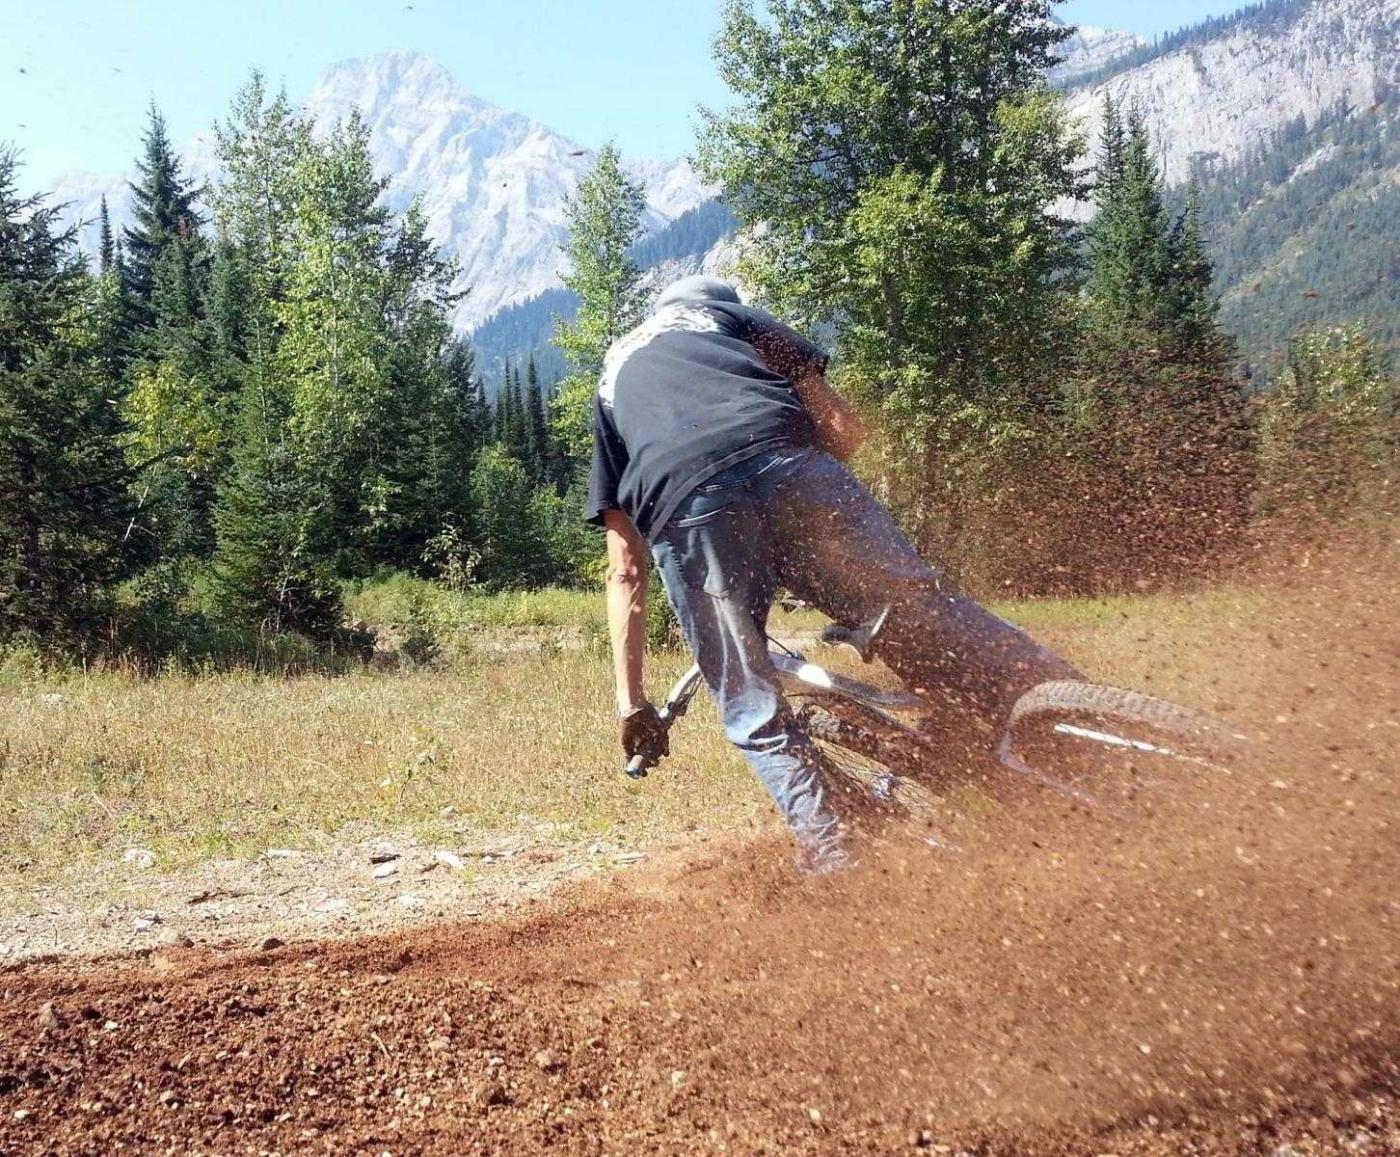 Man taking fast turn on mountain bike, kicking up dirt with back wheel towards camera